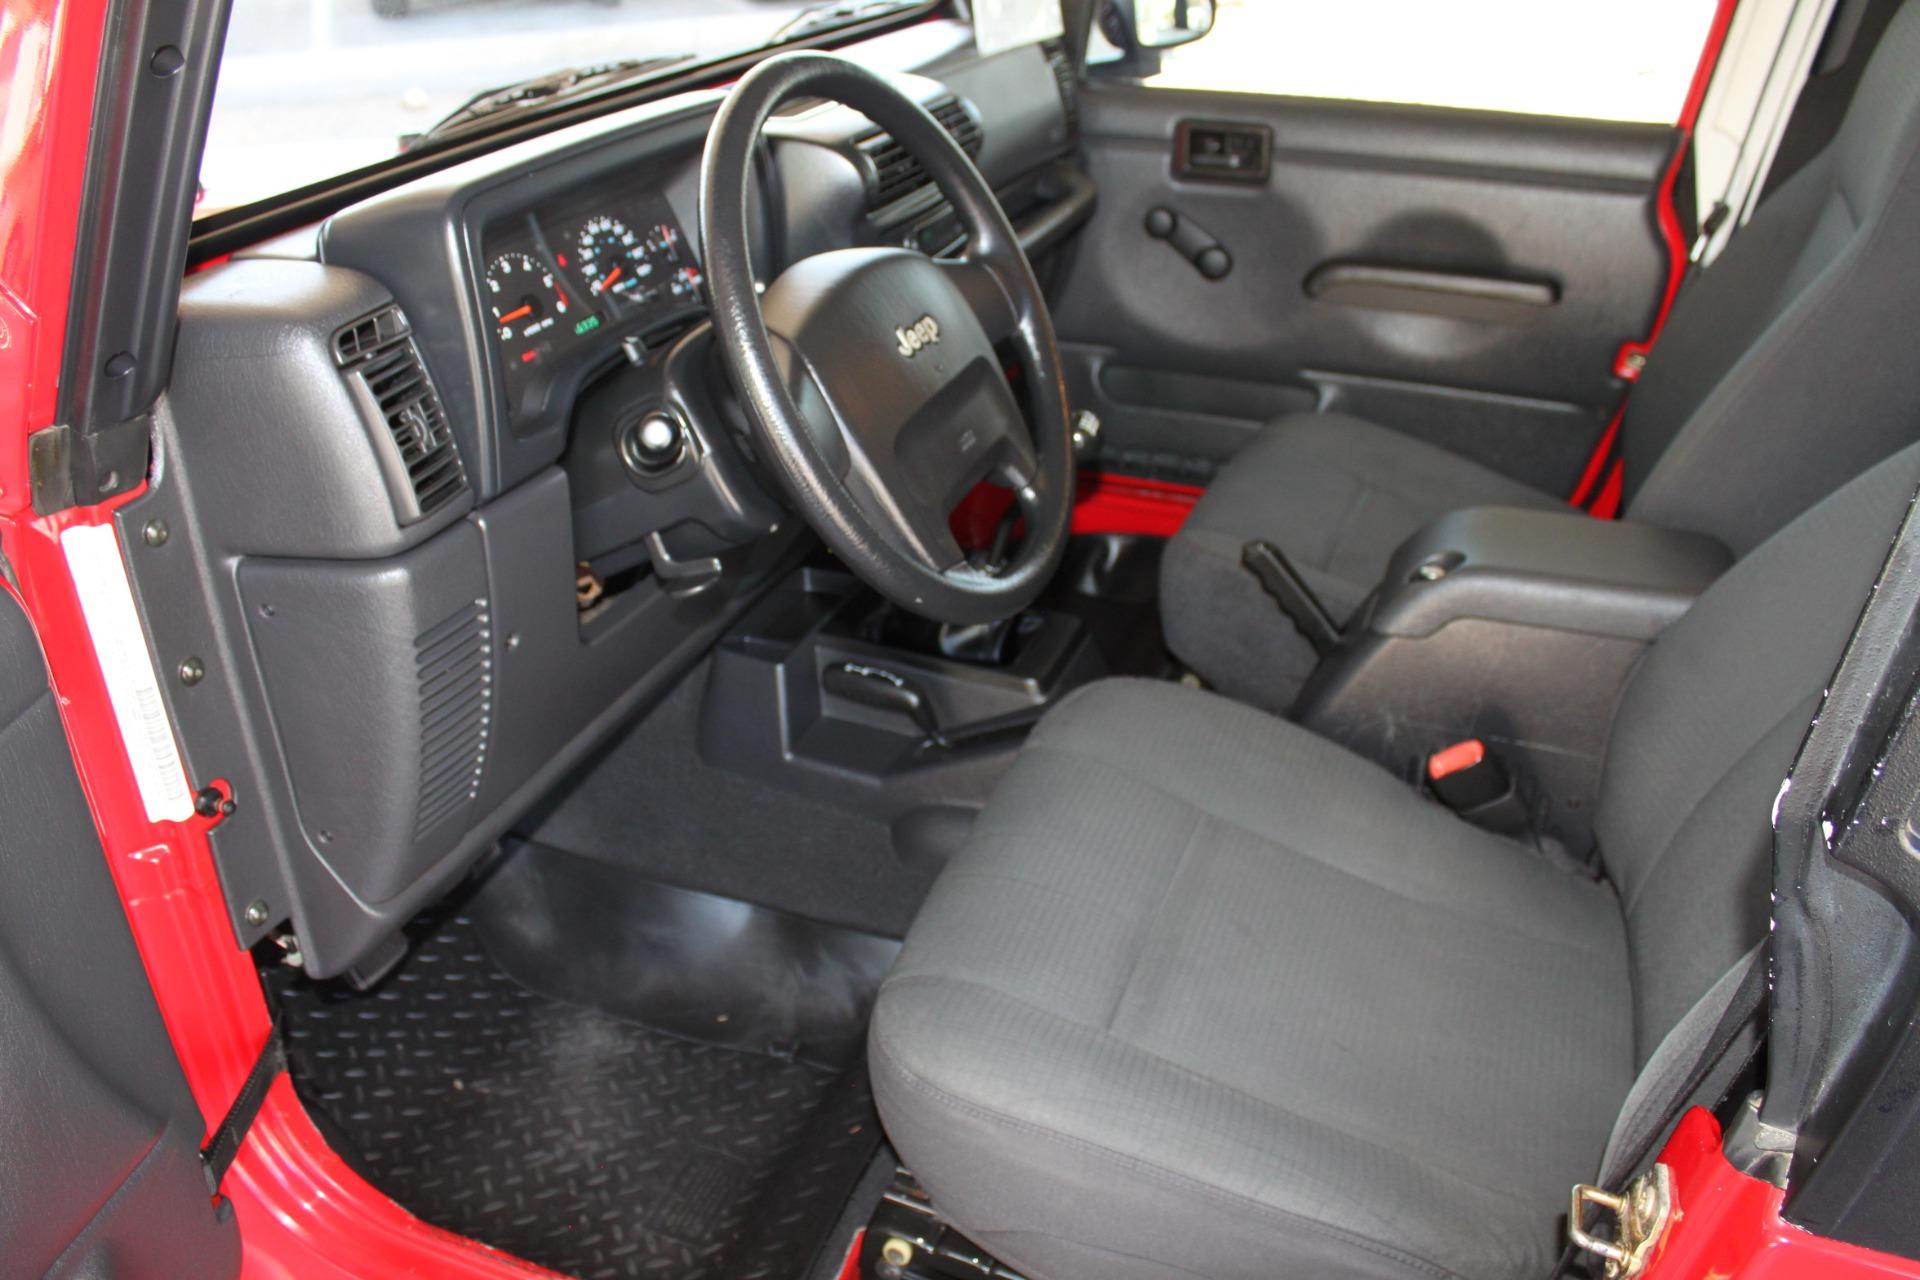 Used-2006-Jeep-Wrangler-4X4-LJ-Unlimited-LWB-vintage